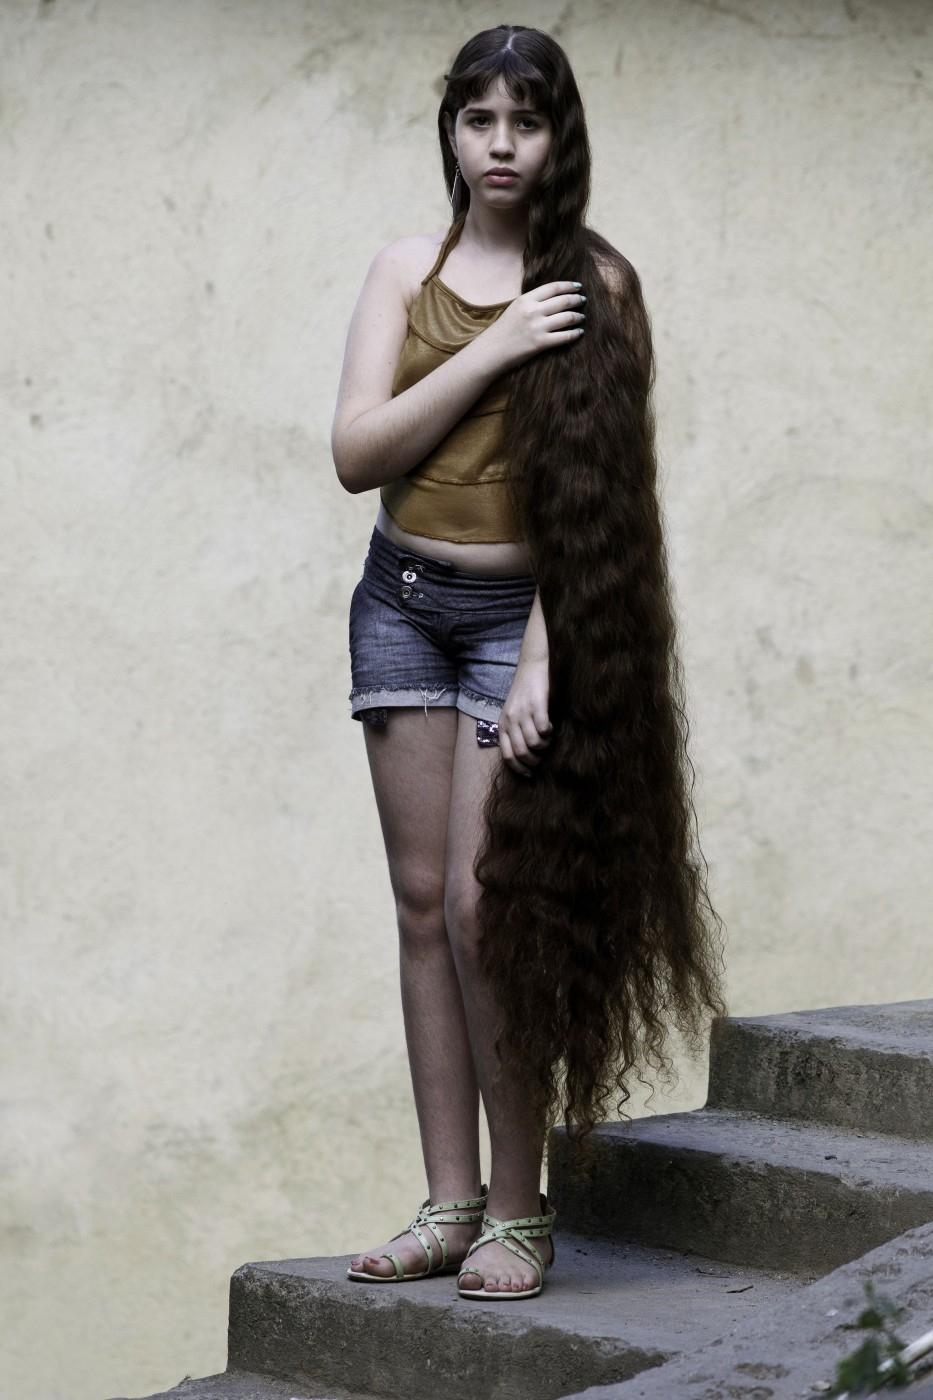 Brazil 4 12 летняя Рапунцель из Бразилии продаст косу, чтобы сделать ремонт в квартире